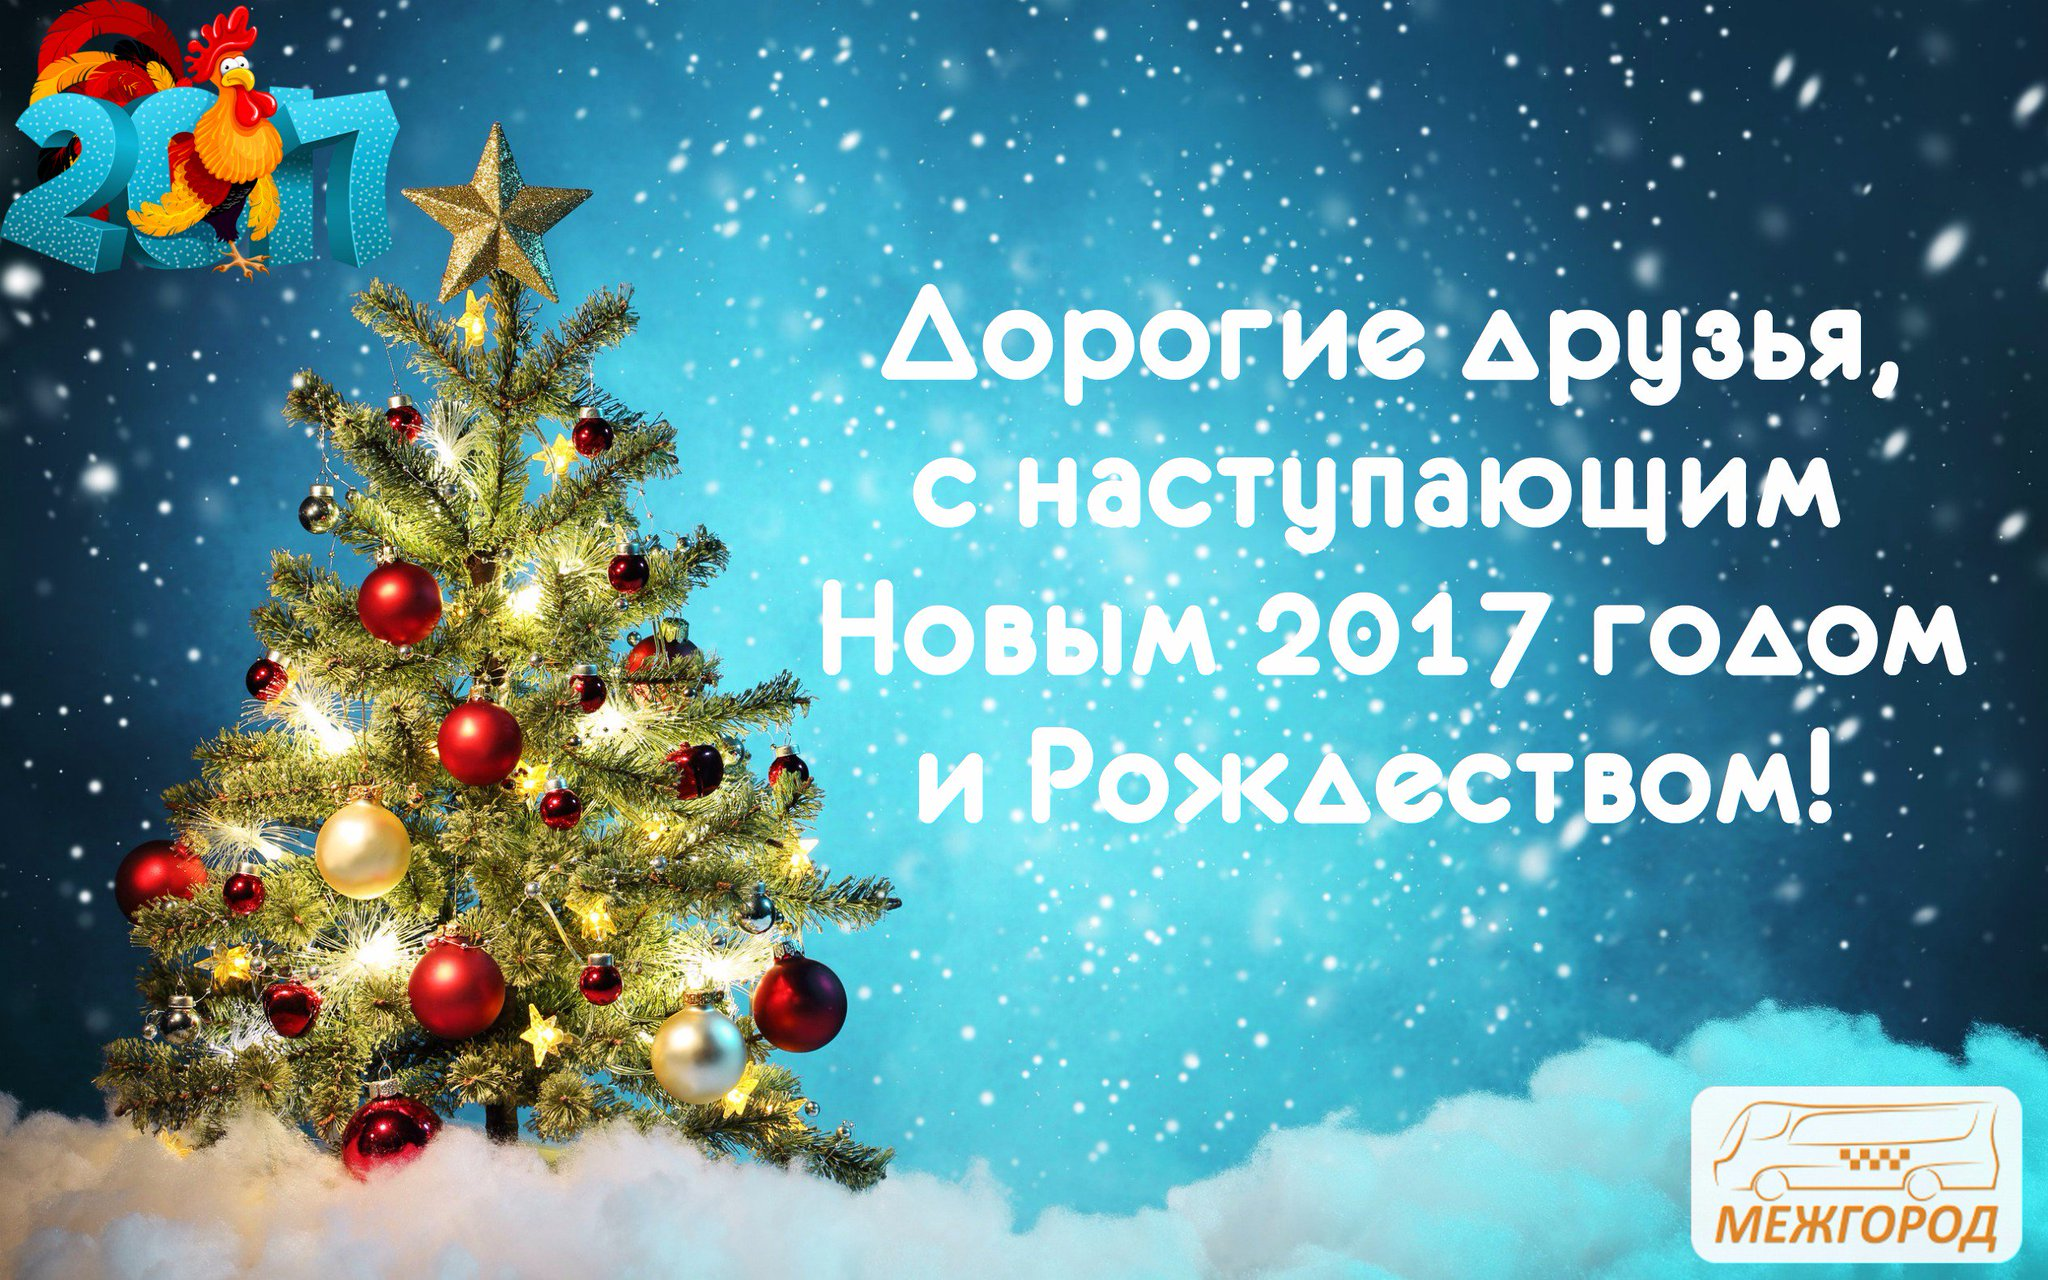 Тему жена, открытка с новым годом с наступающим 2017 годом